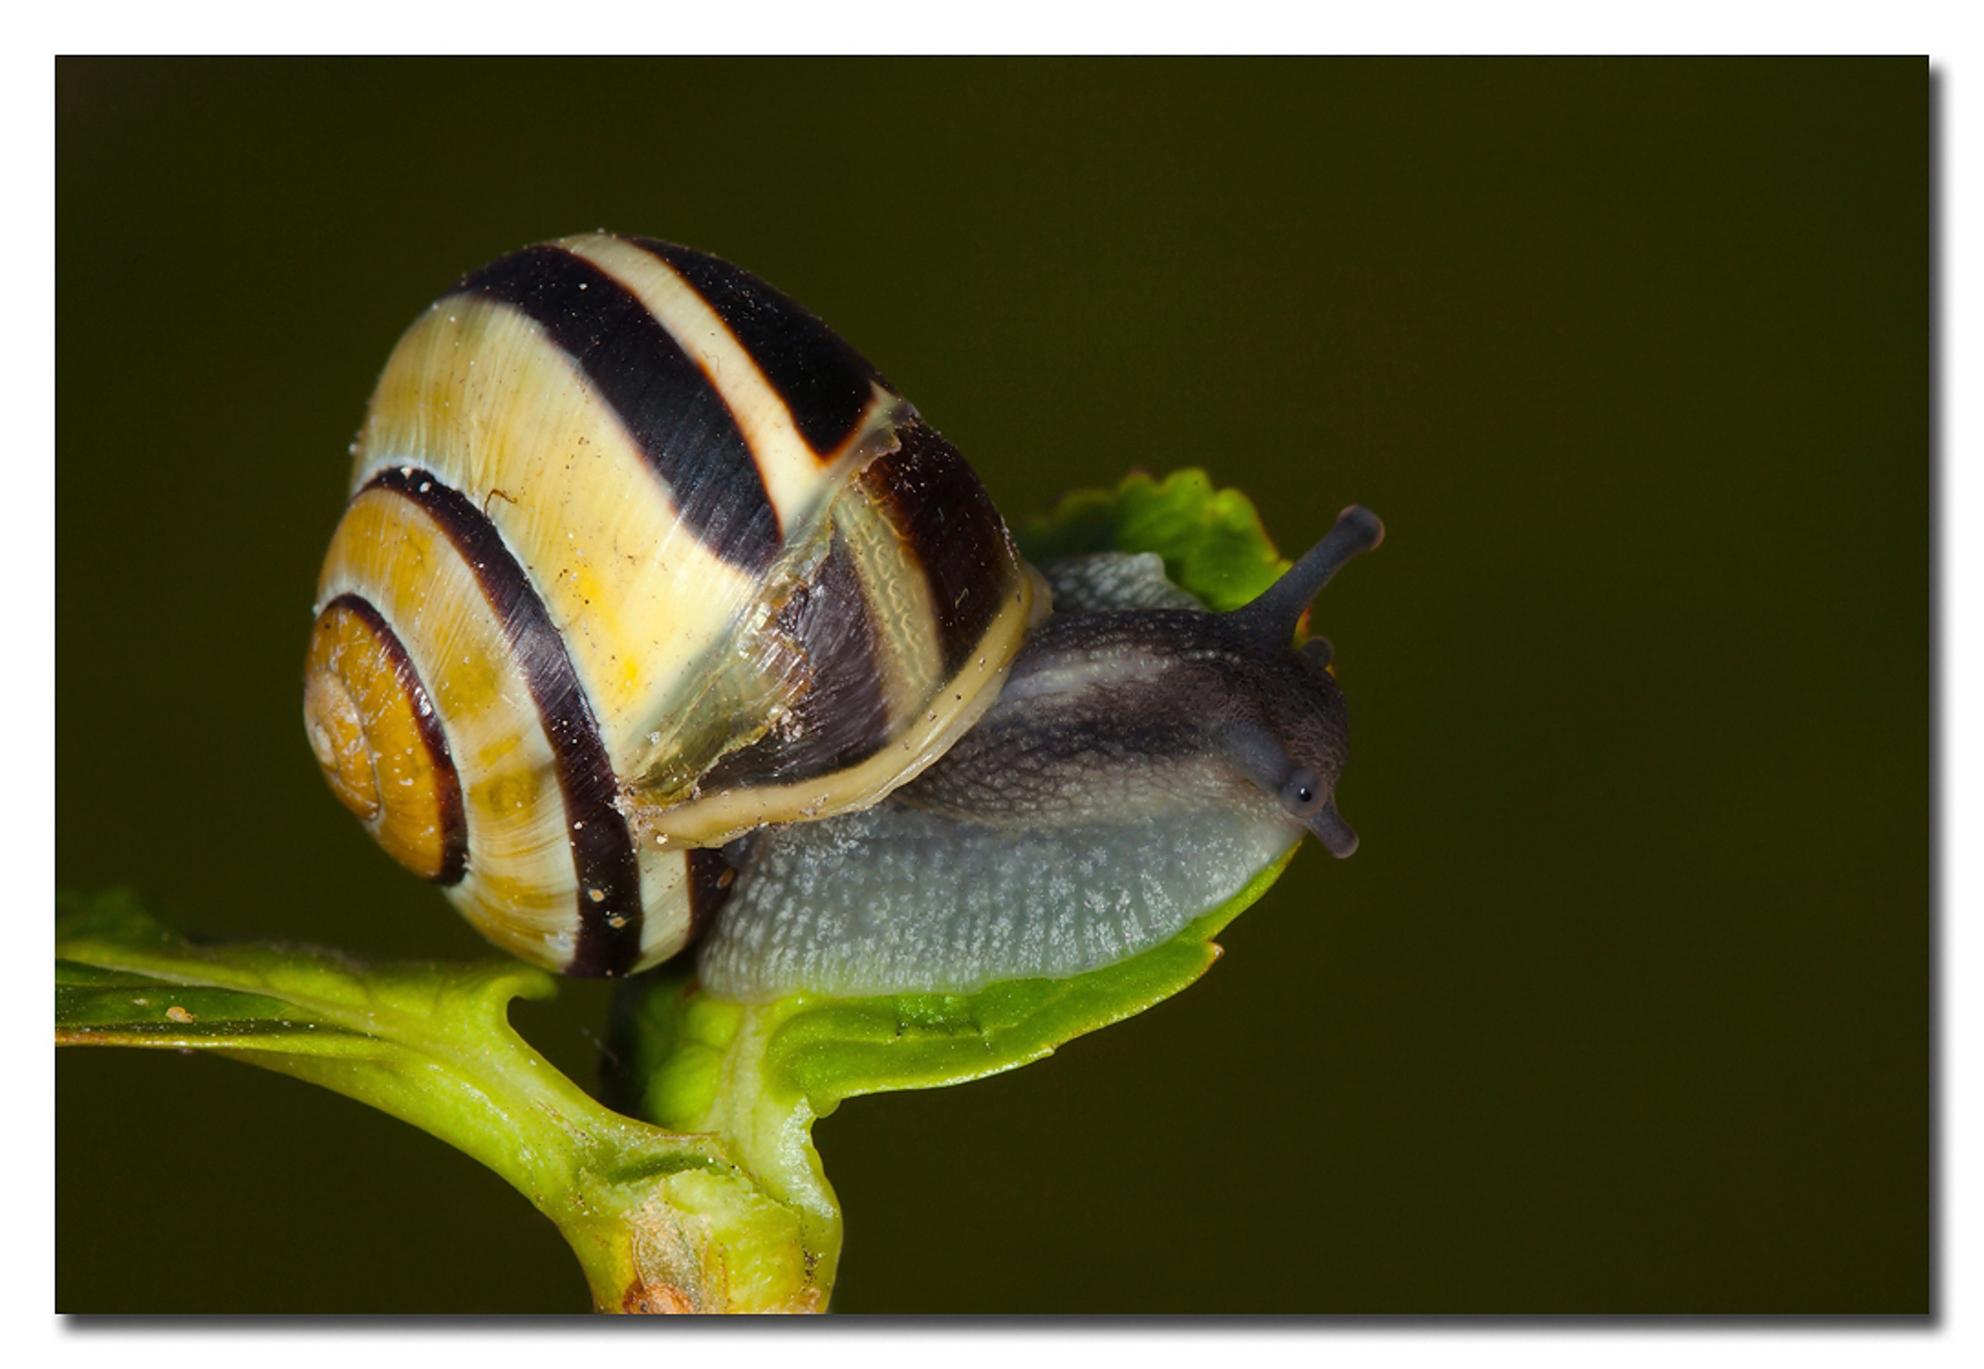 Slakje - een slak in eigen tuin voor sommigen een vijand omdat deze de planten aan vreed voor de lijster een lekker maaltje!!!  Effies in het groot bekijken - foto door Anna Rass op 05-05-2012 - deze foto bevat: nature, natuur, slak, tuin, dier, anna